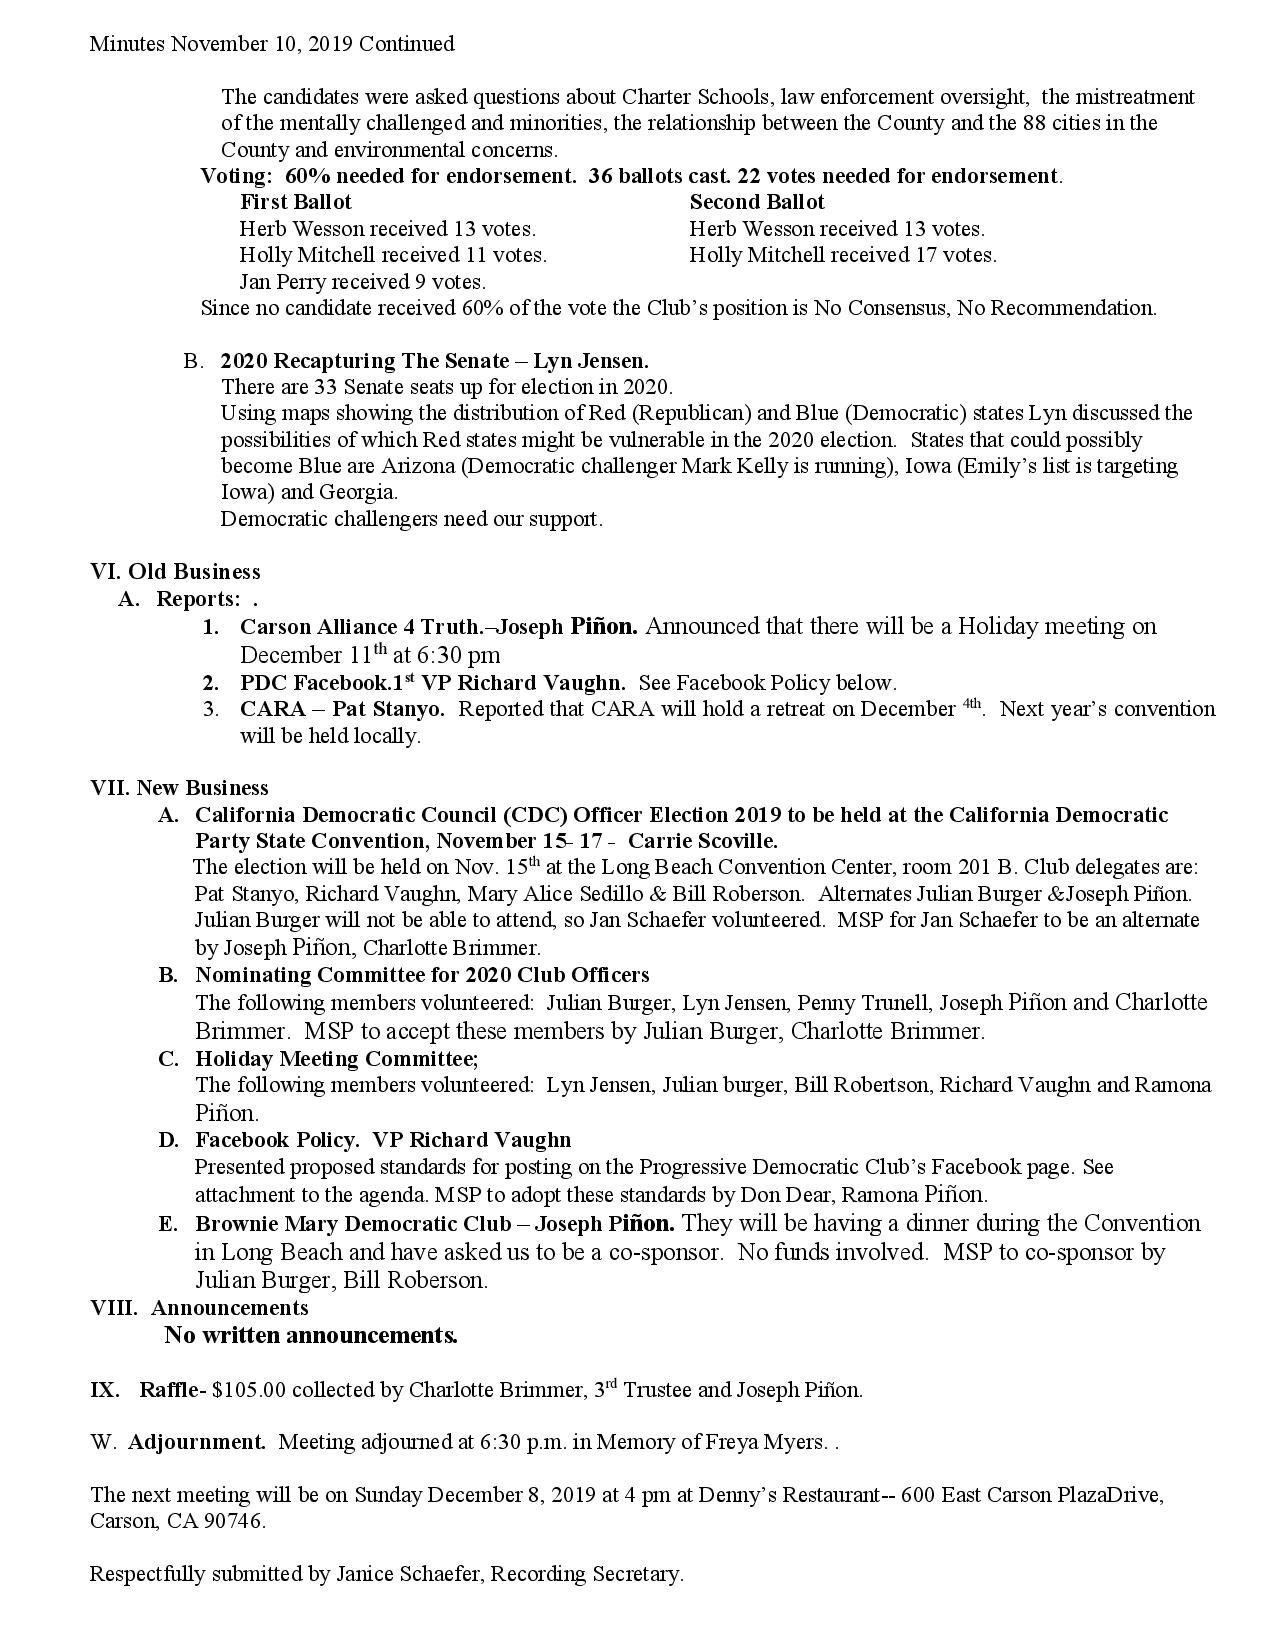 Minutes_November10_2019_(1)-page-002.jpg